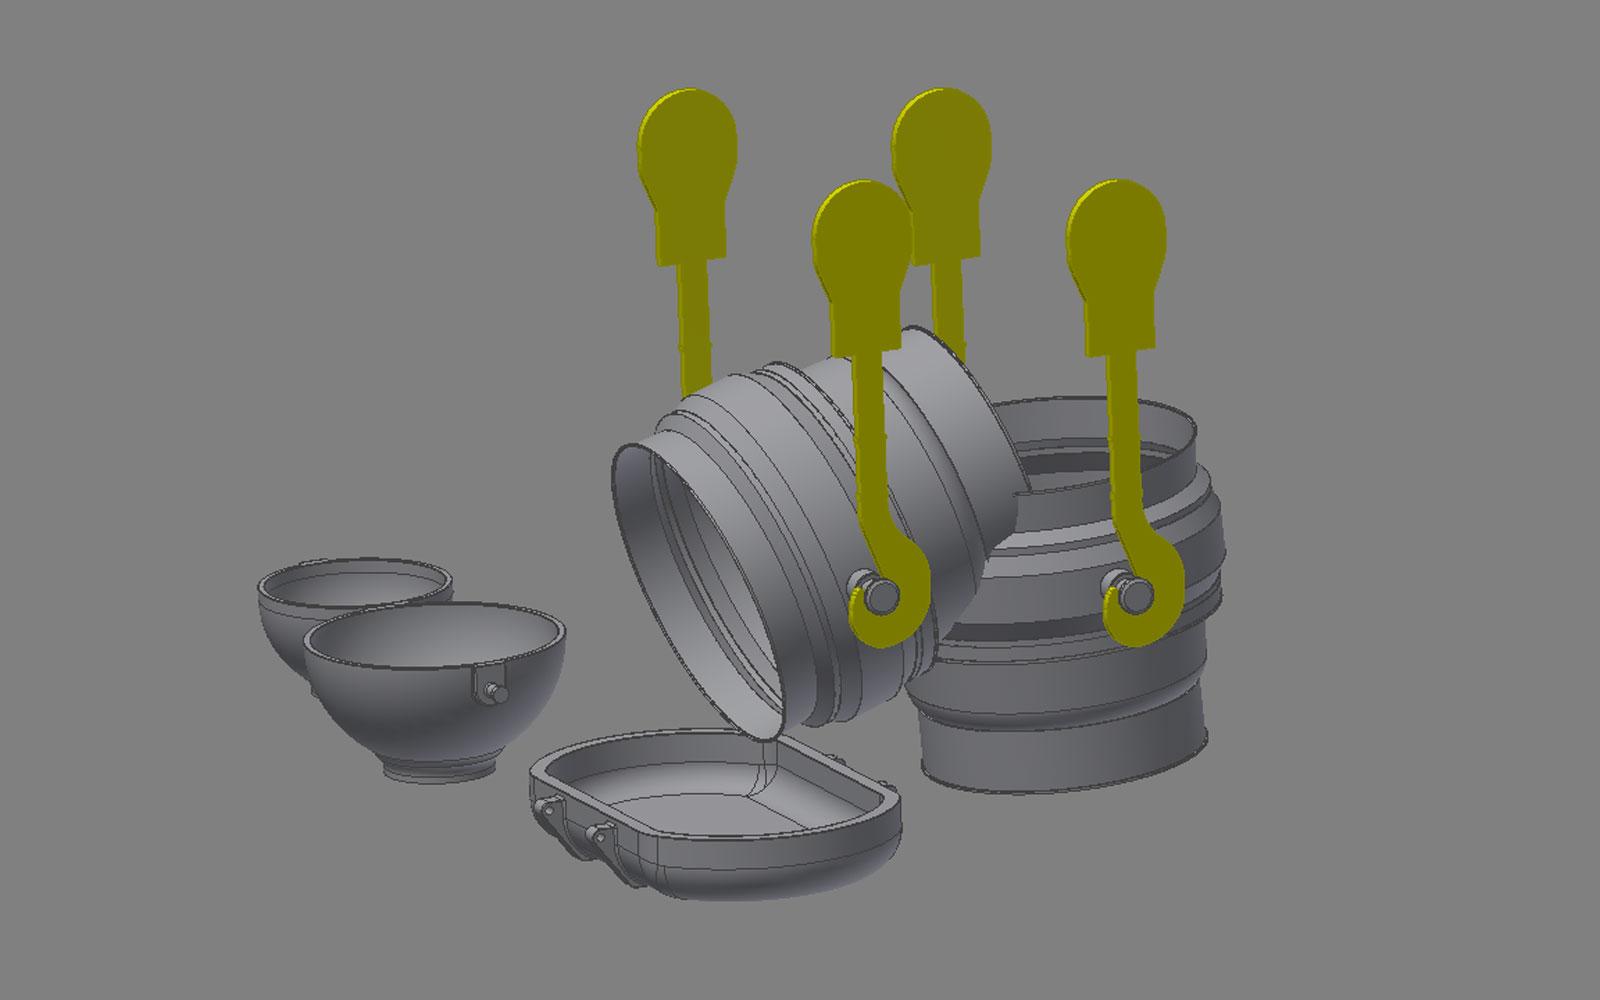 Conap 3D Scanning Services - Giessvorgang im Hüttenwerk